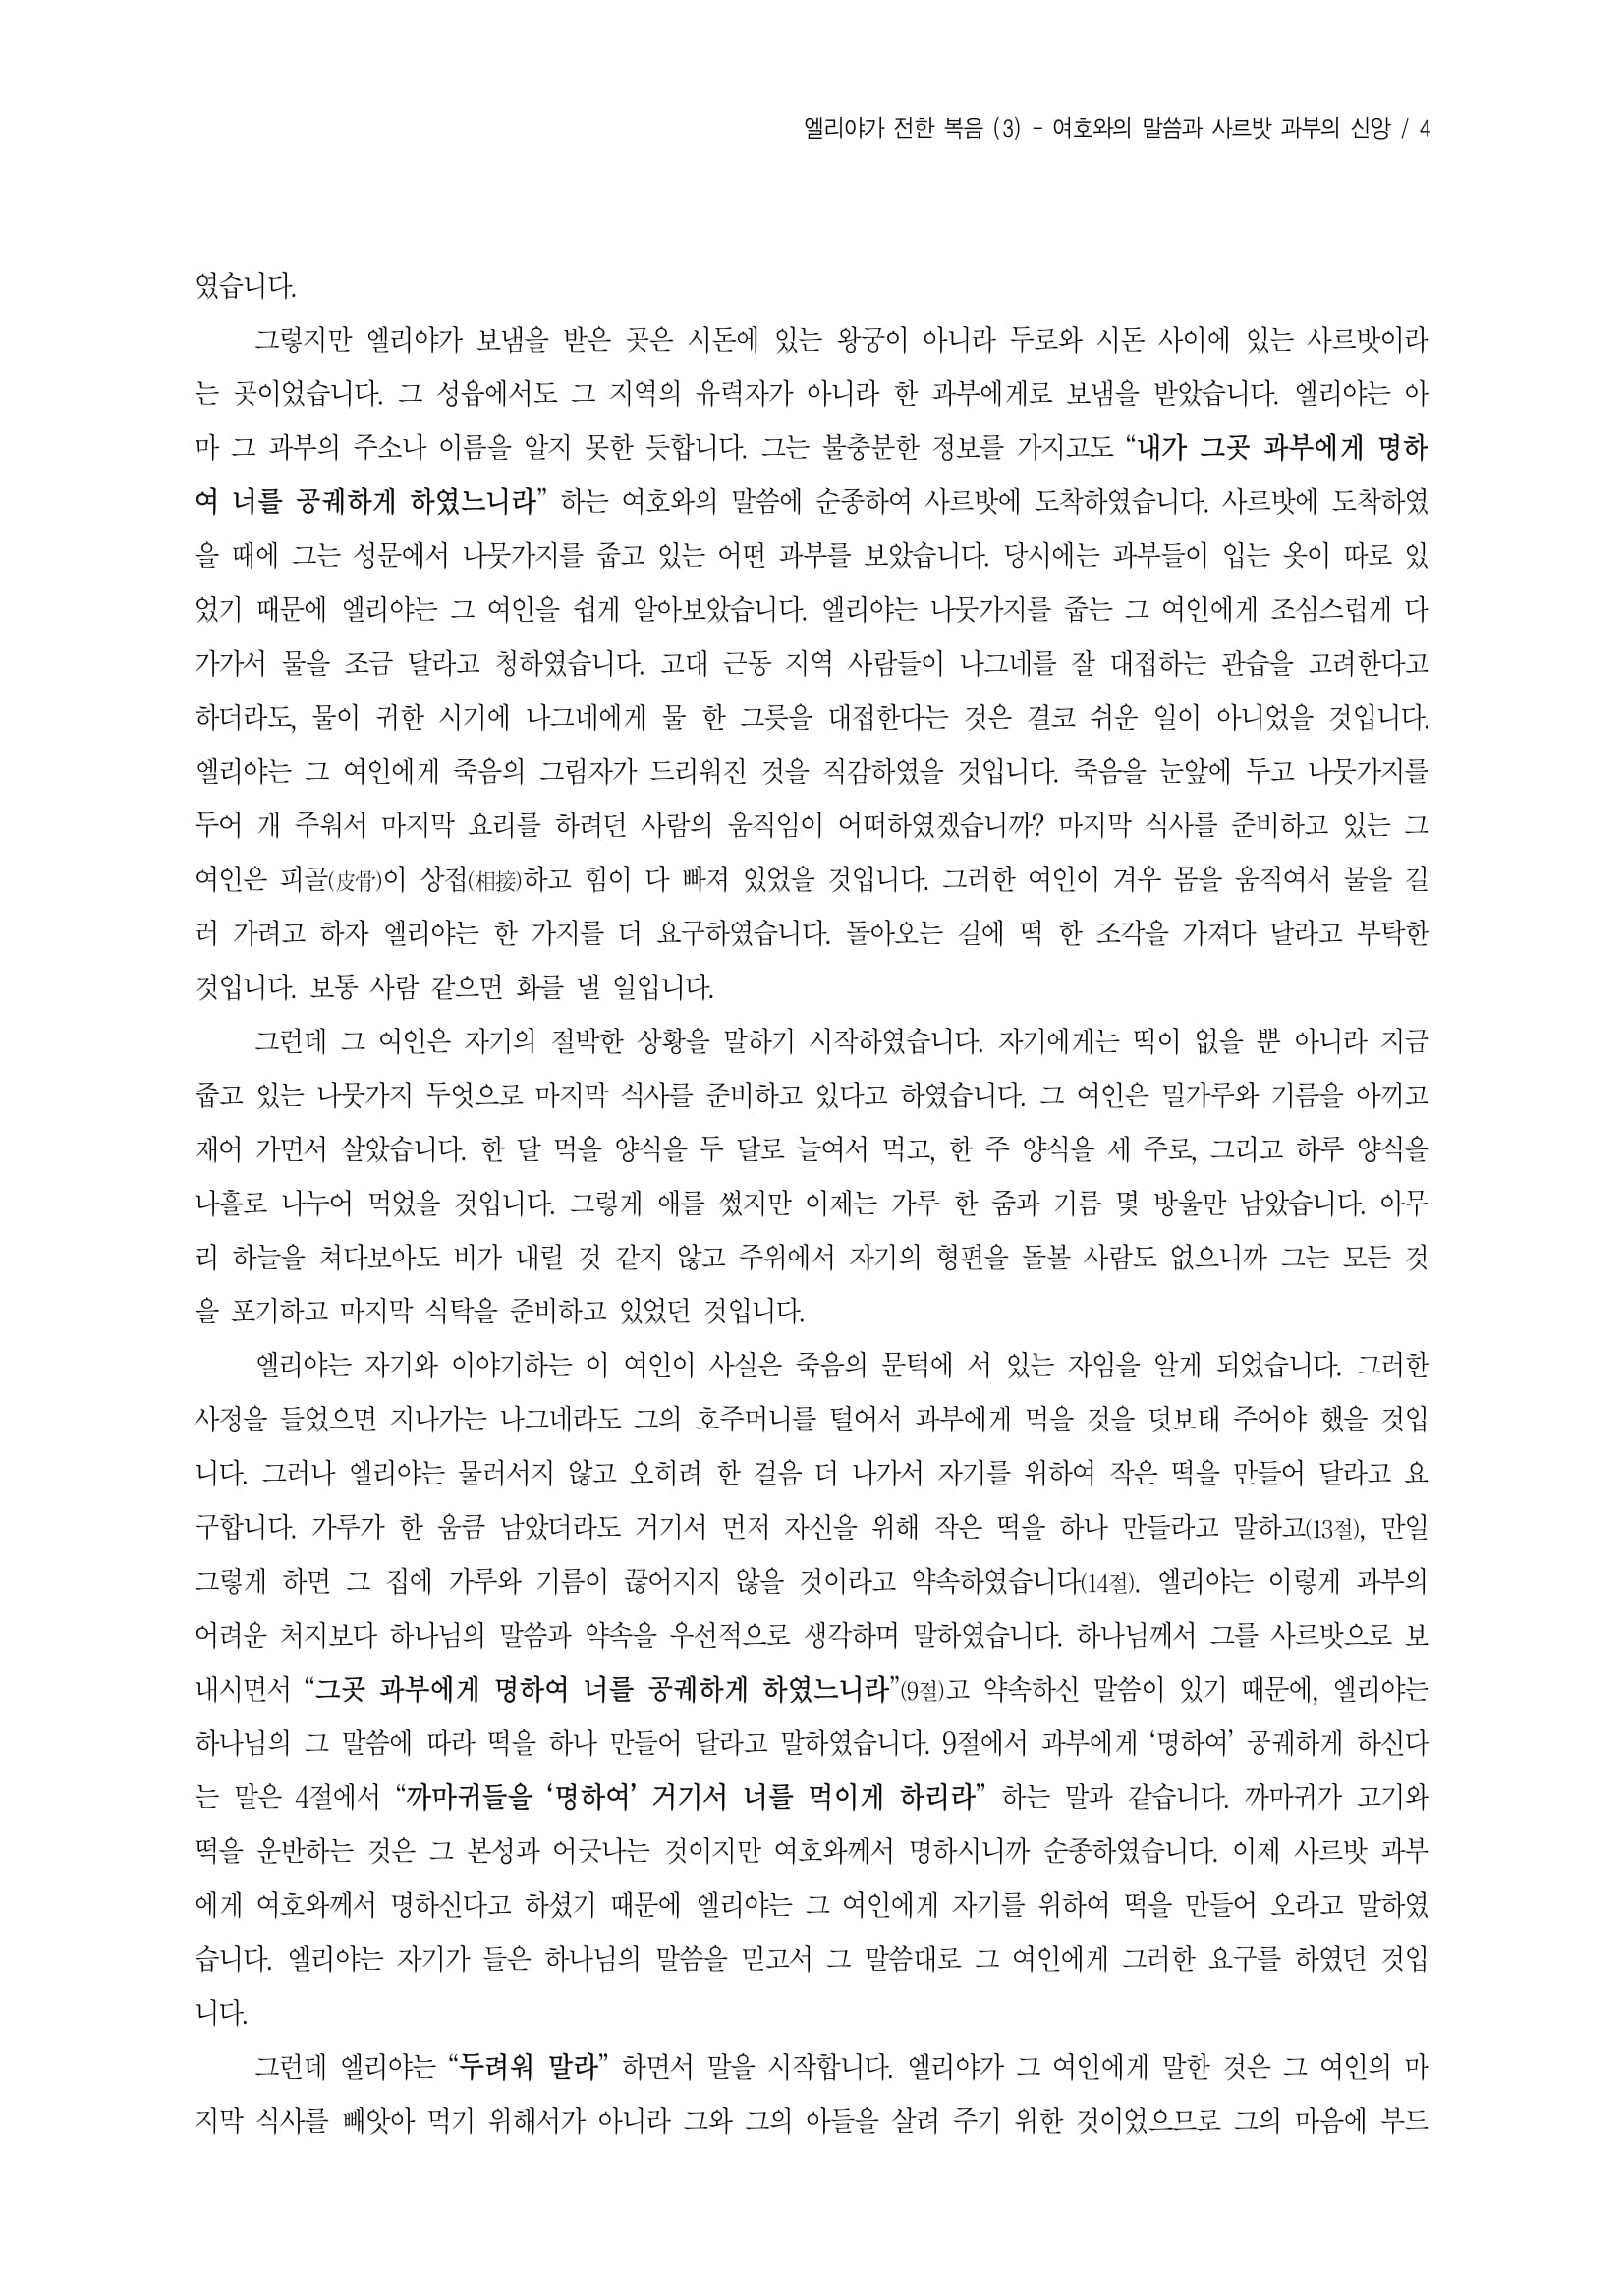 엘리야(3)-여호와의 말씀과 사르밧과부의 신앙_왕상17장-03.jpg